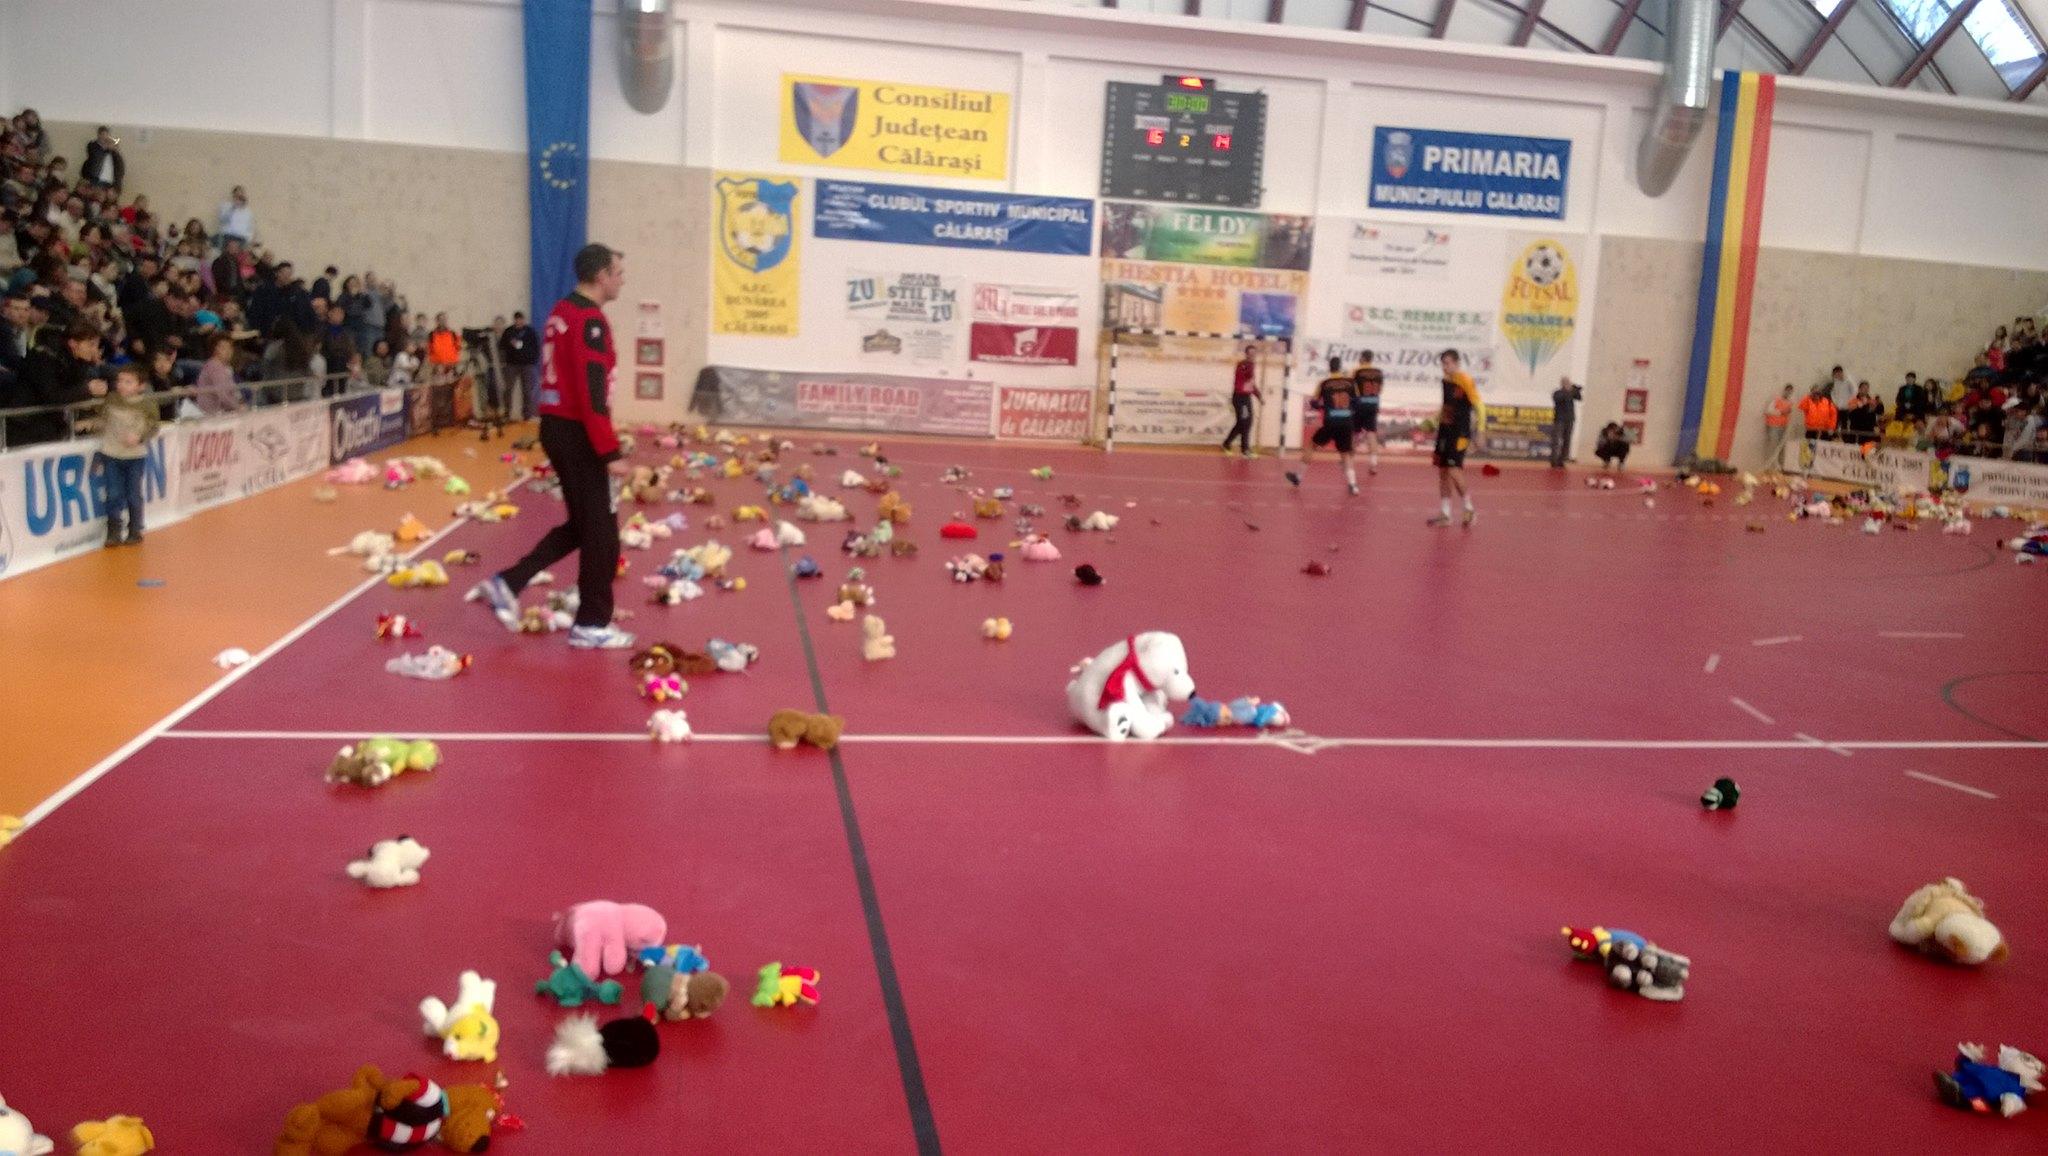 Parchetul sălii din Călărași a fost acoperit cu jucării de pluș (Facebook)